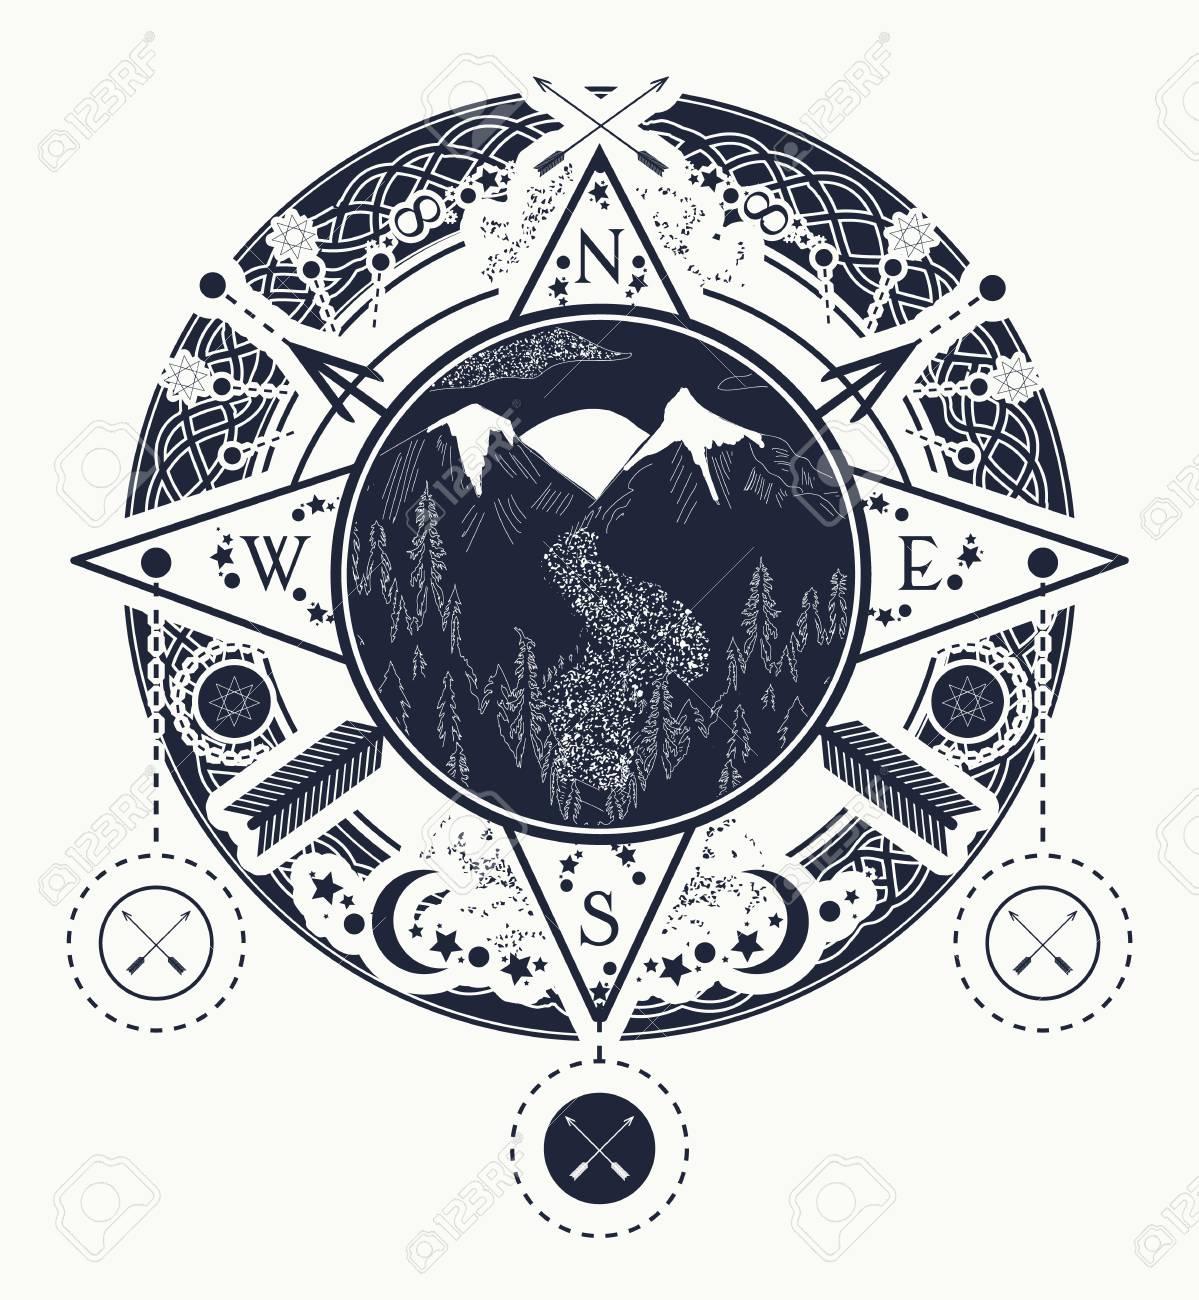 Arte Del Tatuaje Brújula Rosa De Los Vientos De La Montaña Tatuaje Para Acampar Seguir Y Caminar Viaje Aventura Aire Libre Símbolo De